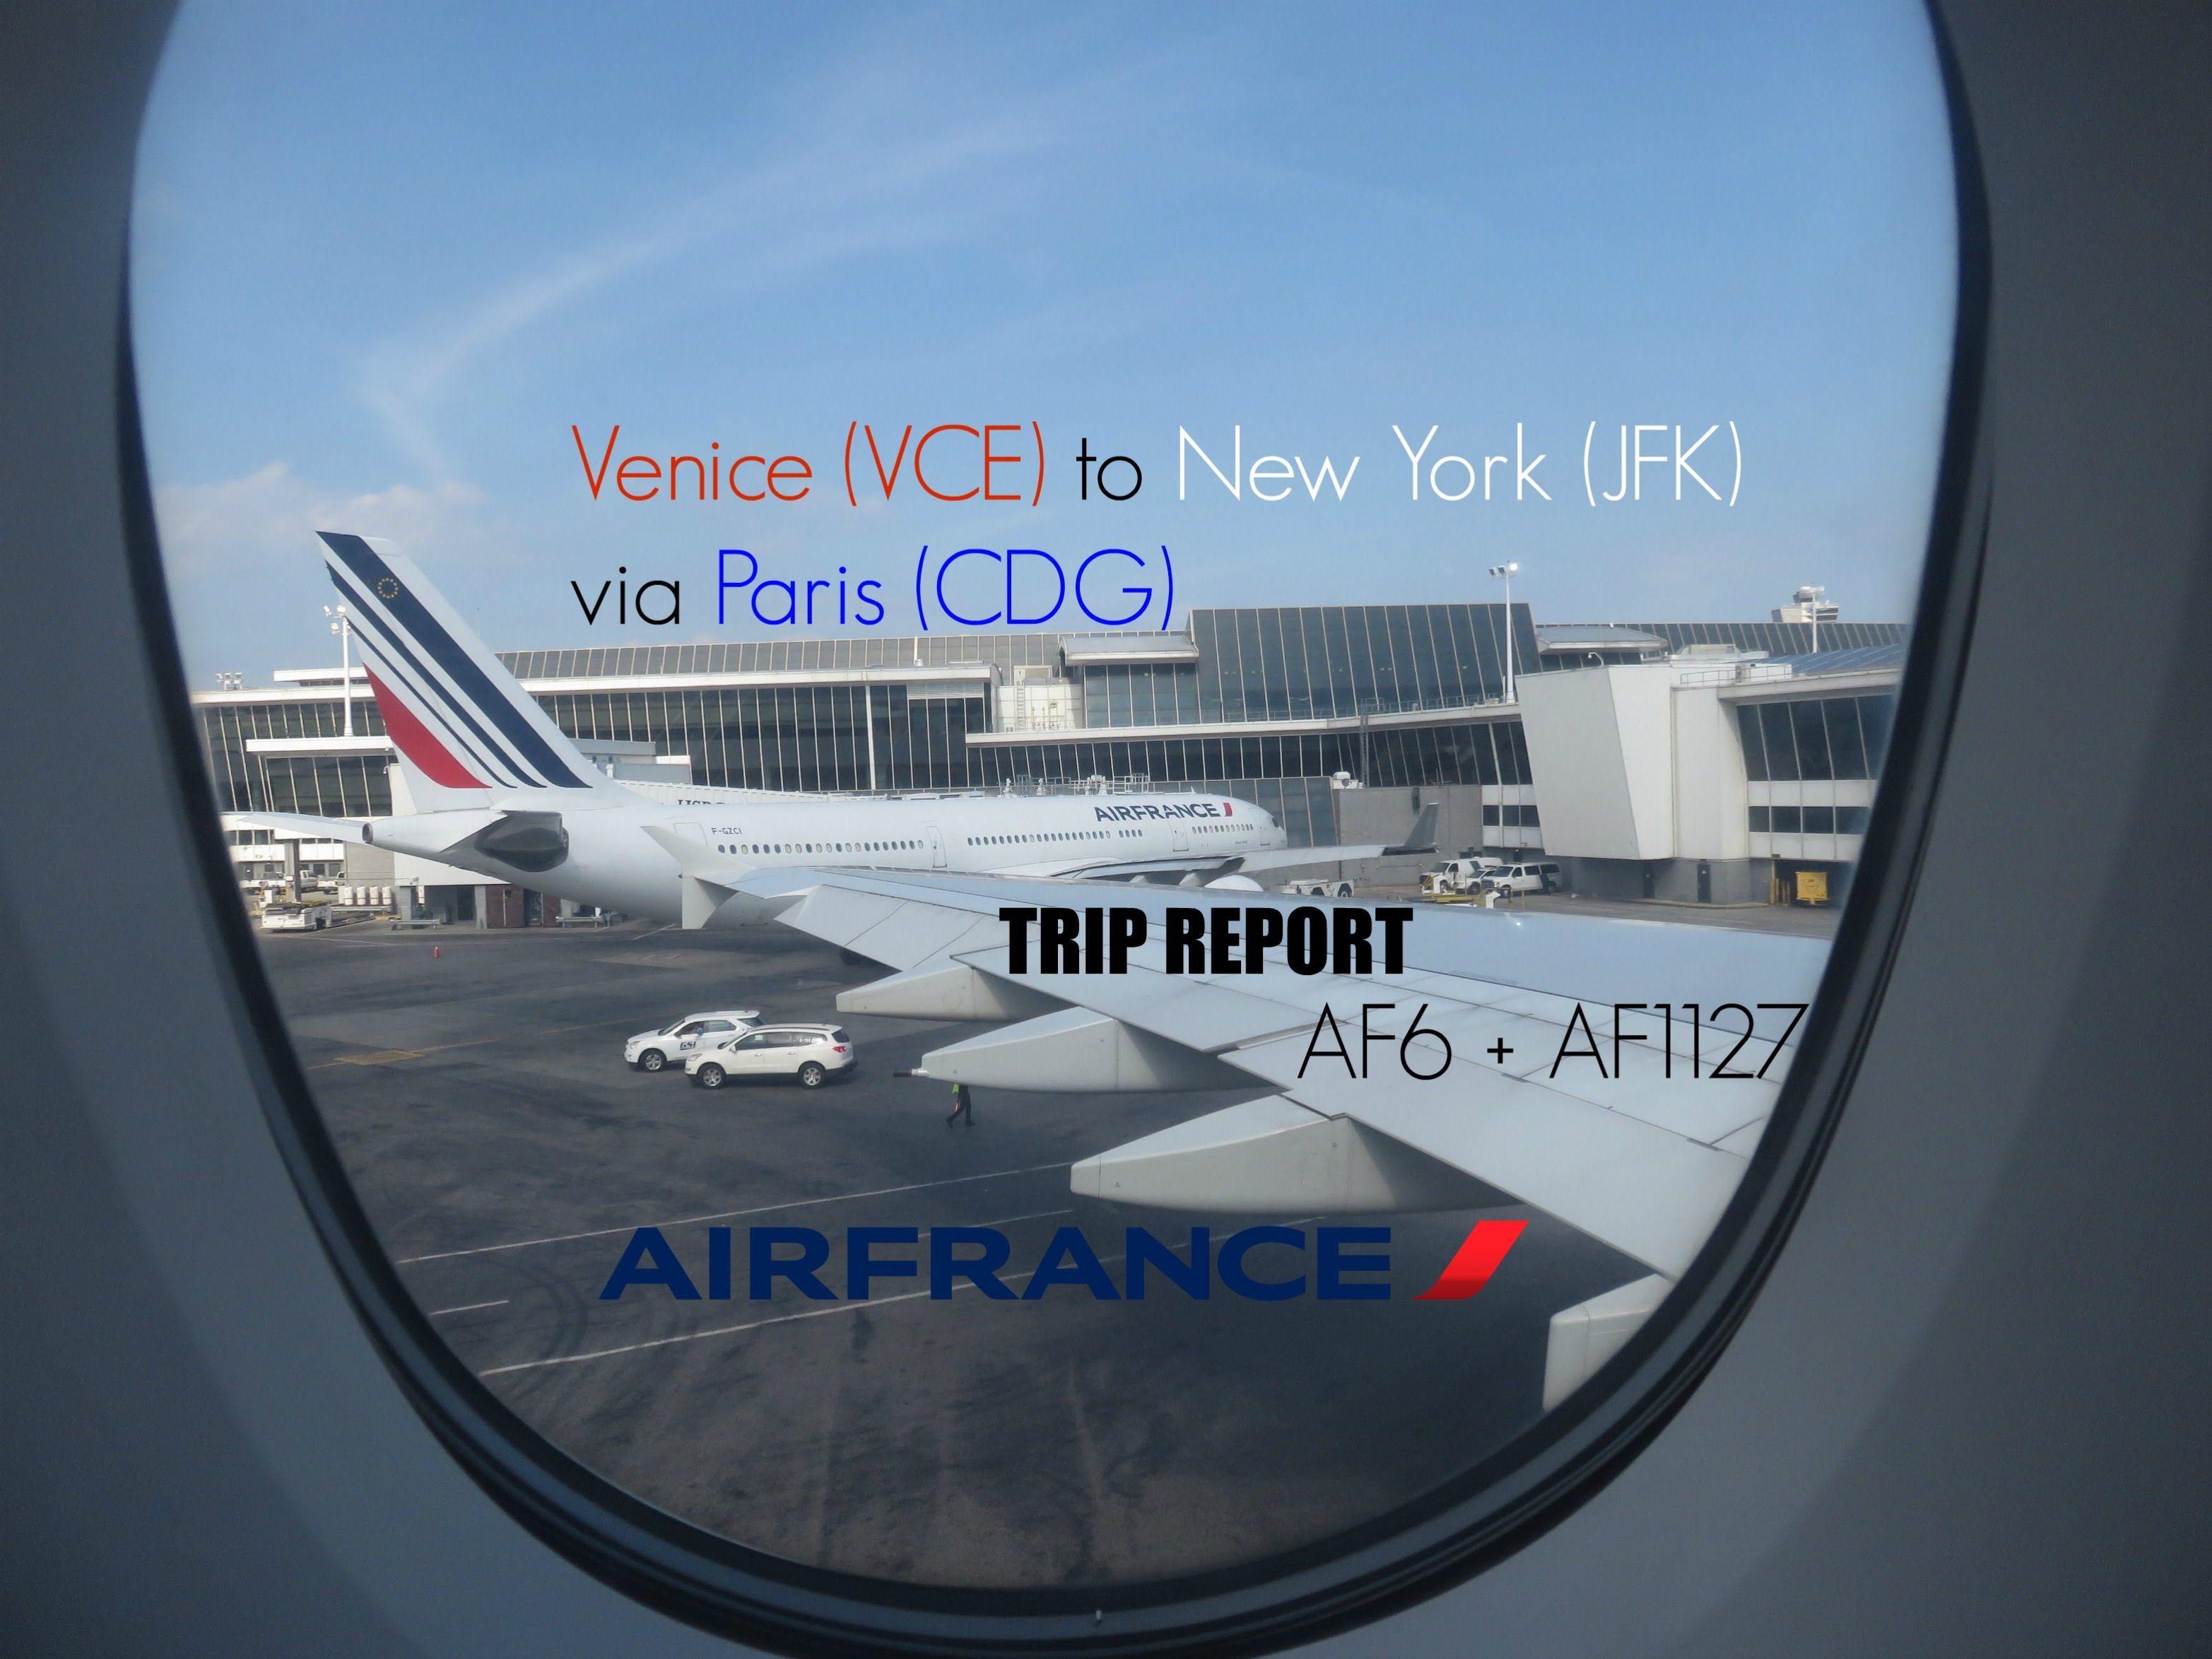 Air France (AF1127 + AF6) I VCECDGJFK I Economy Flex